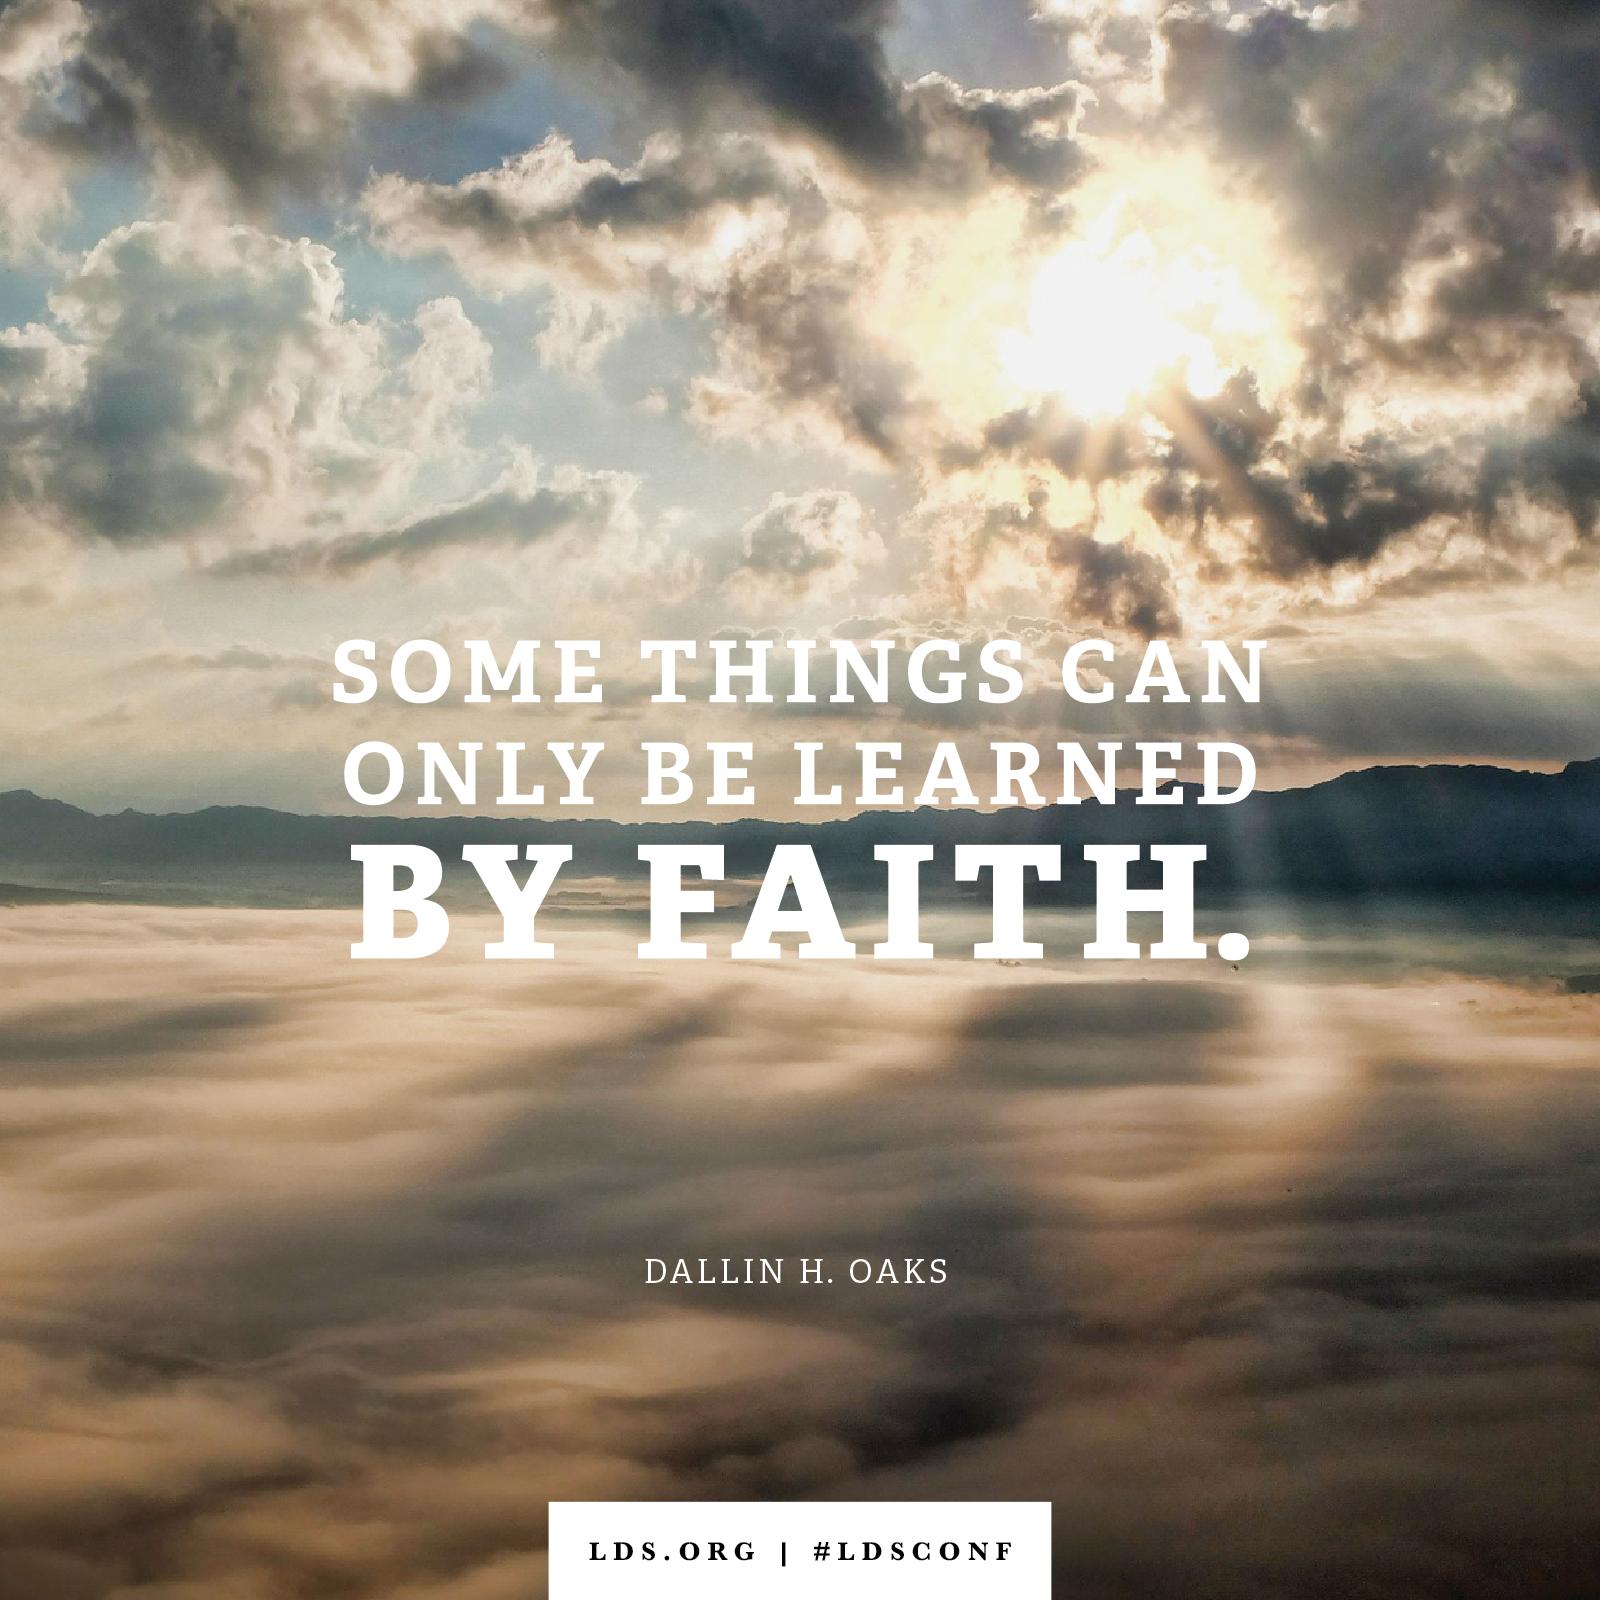 Faith Wallpaper: Learned By Faith